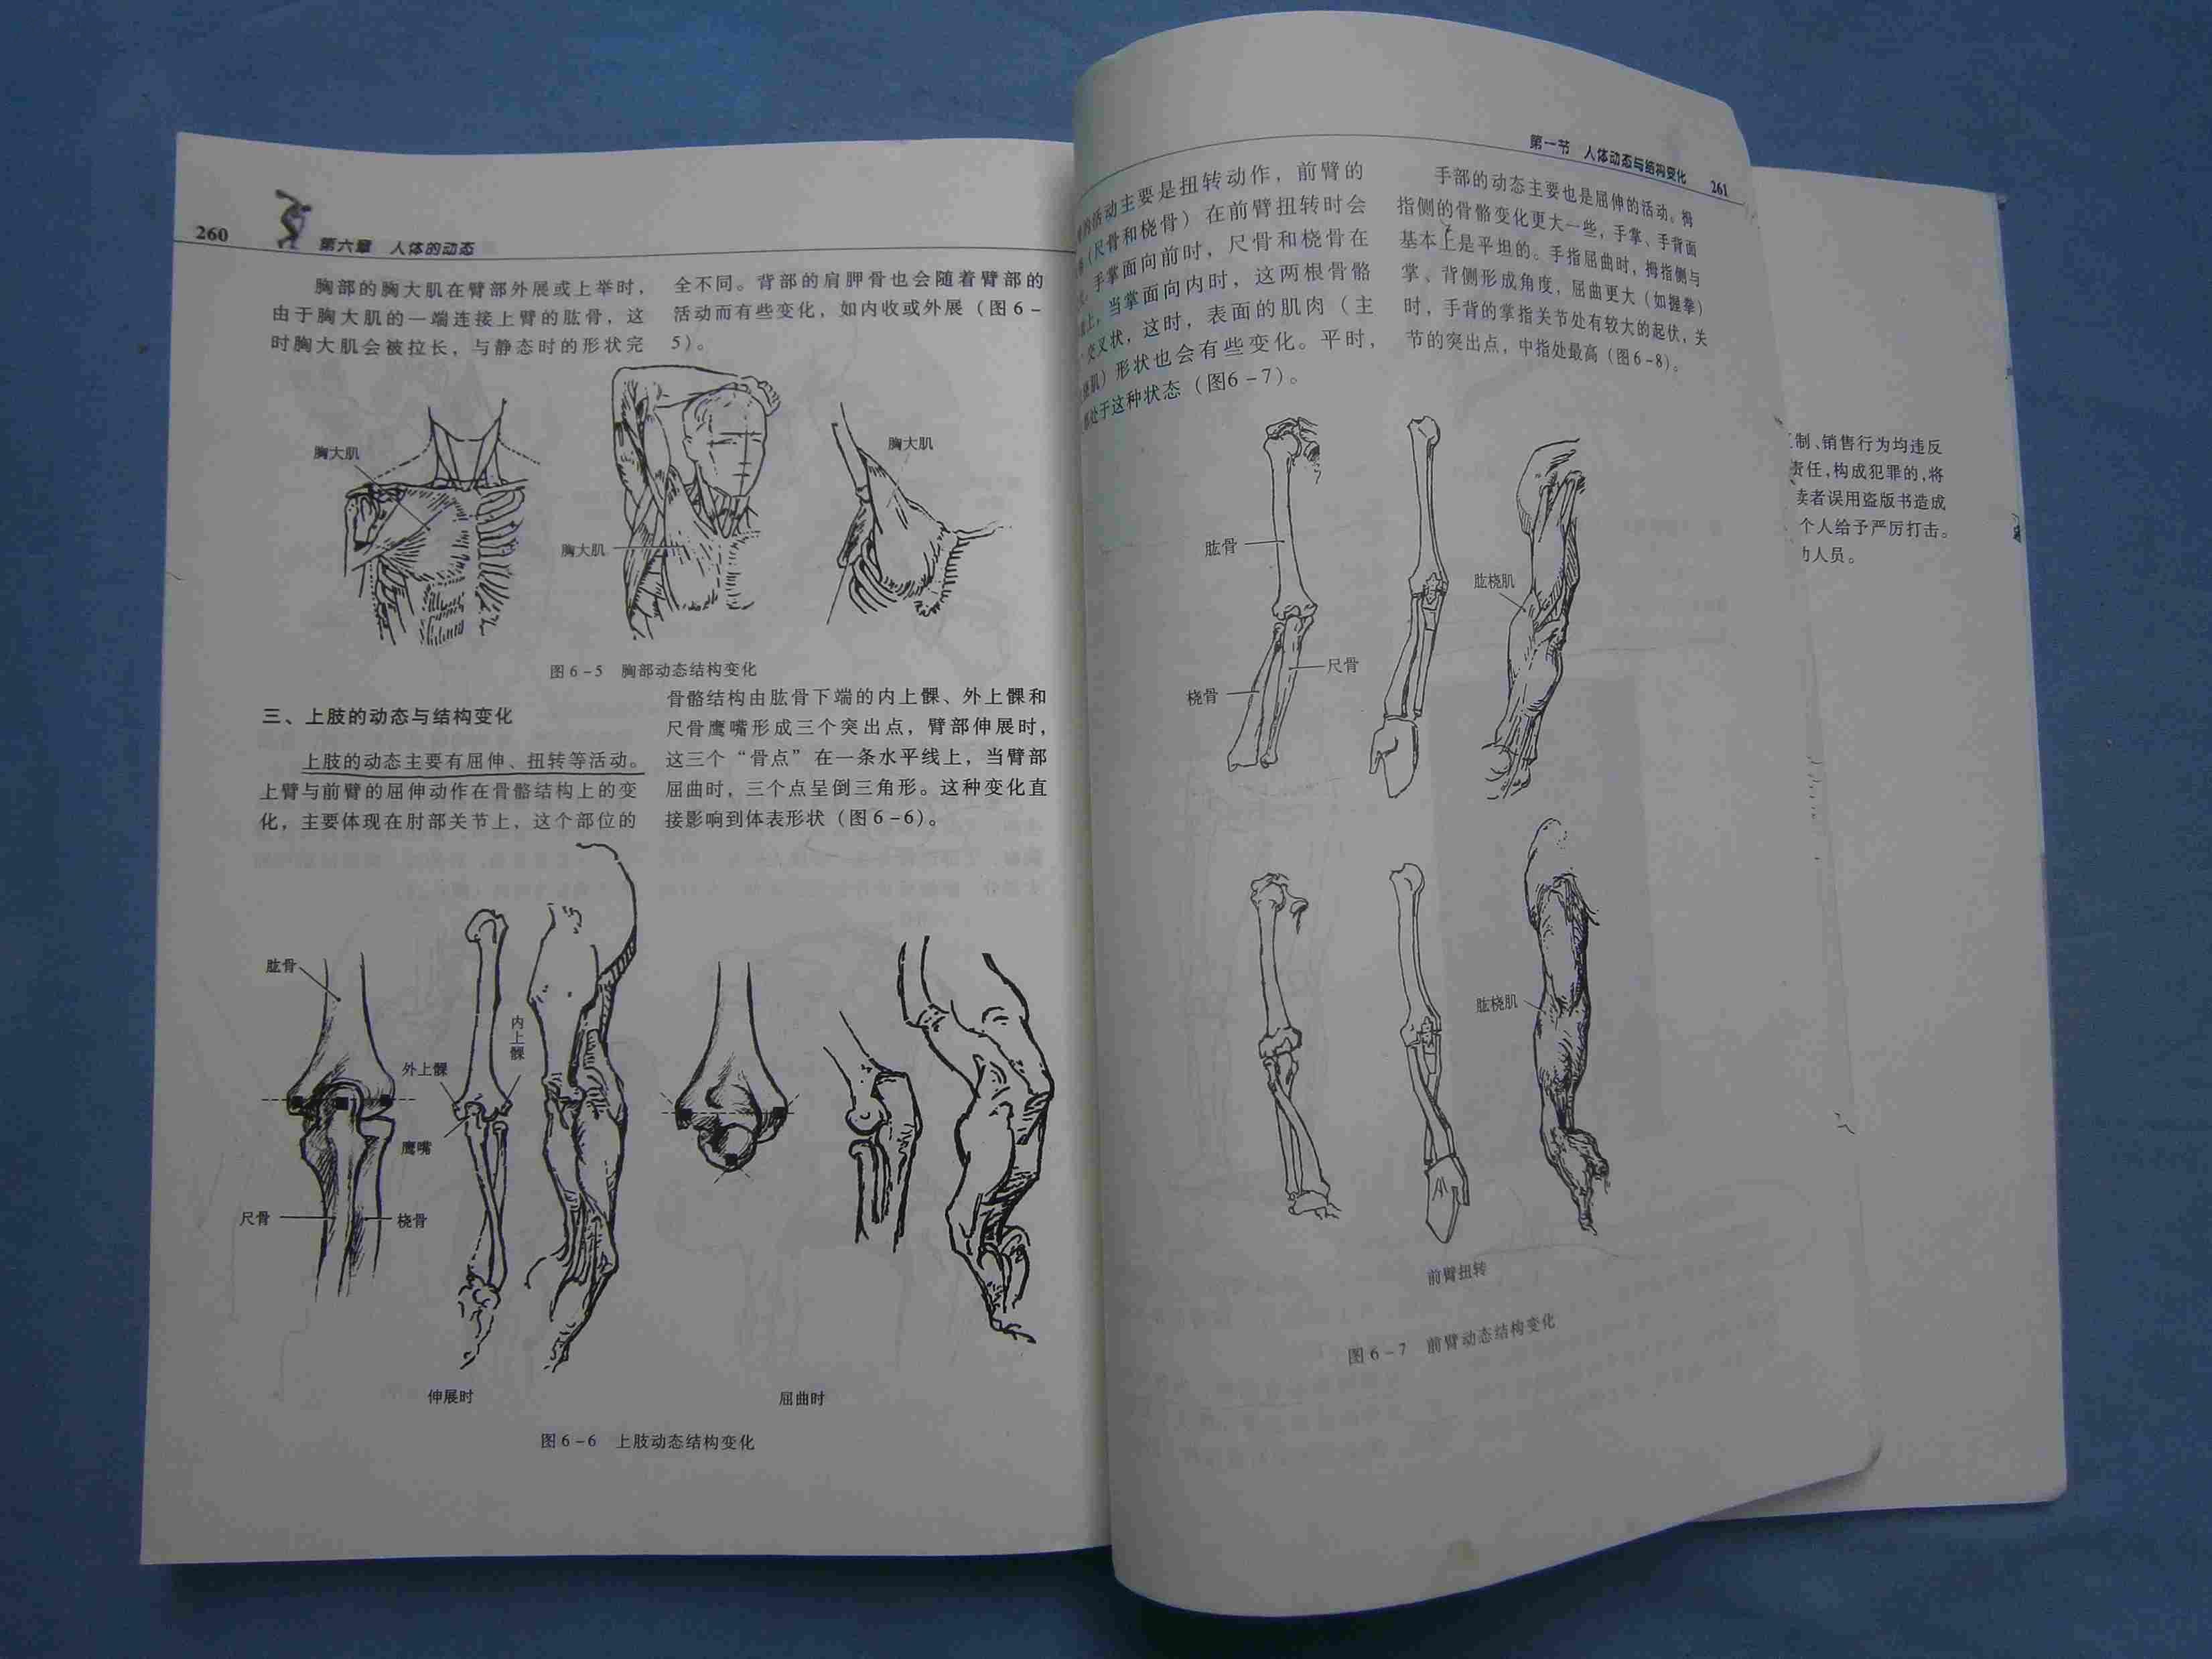 美术技法理论:透视 解剖图片